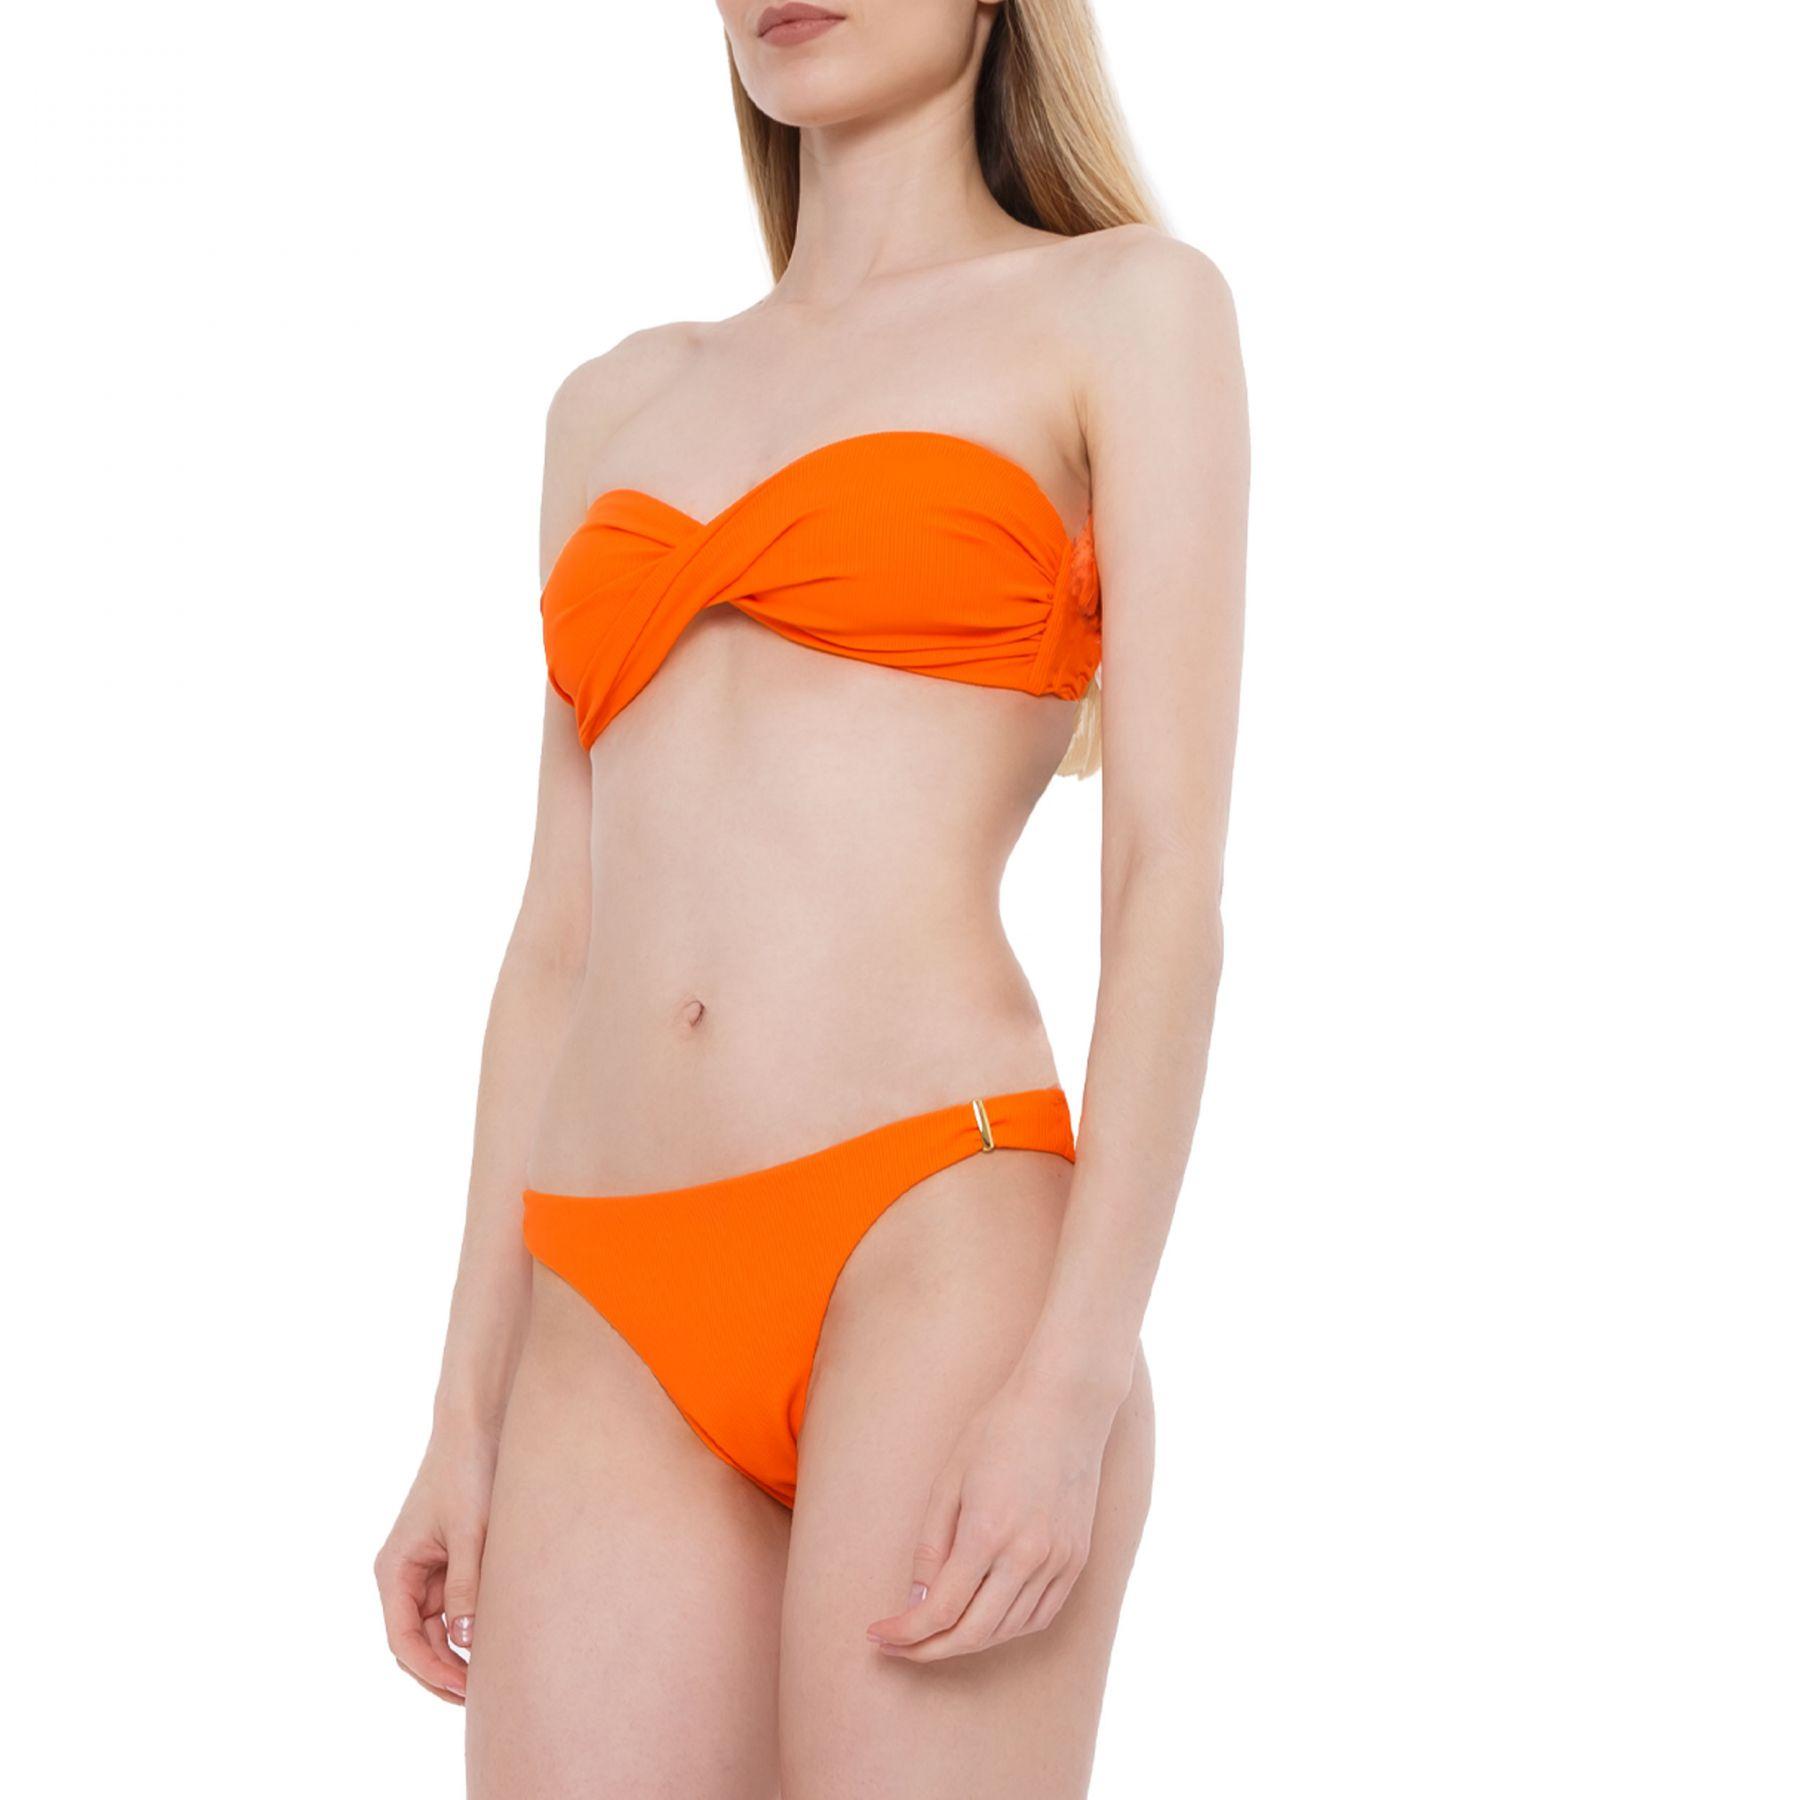 Купальник Melissa Odabash MARTINIQUE оранжевый